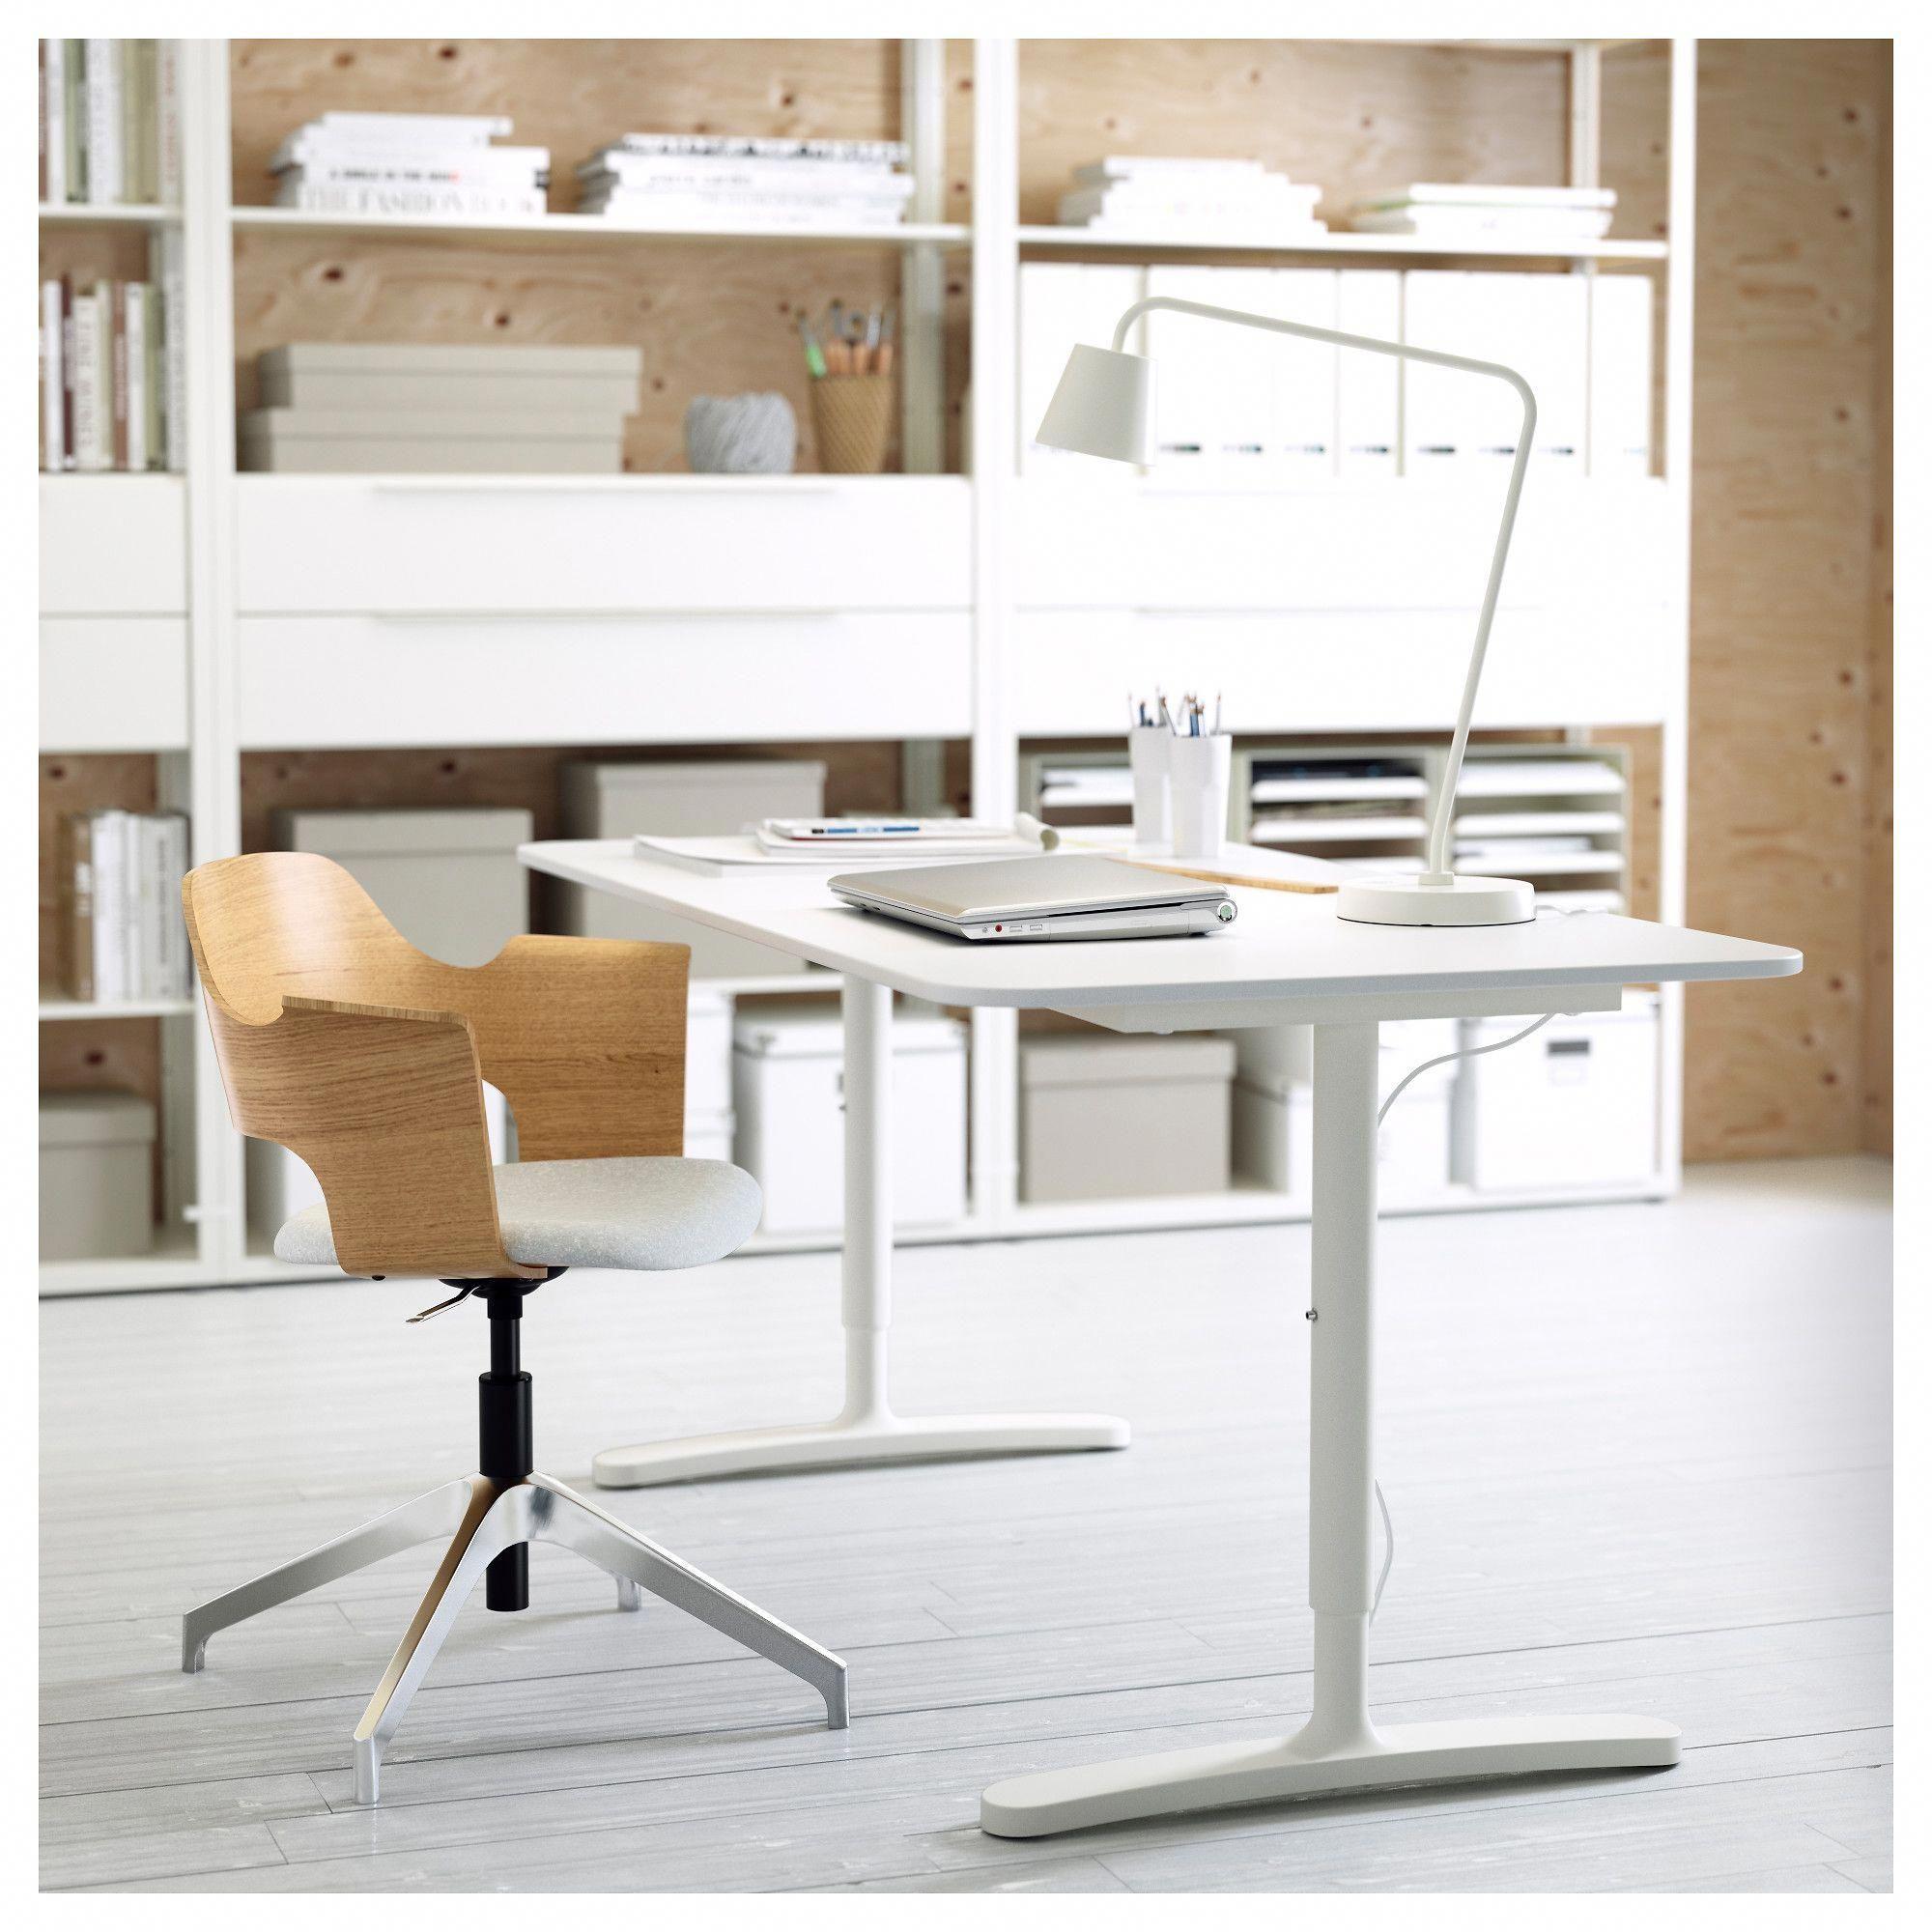 Bekant Desk White Ikea Home Office White Desk Home Office Furniture Office Furniture Design